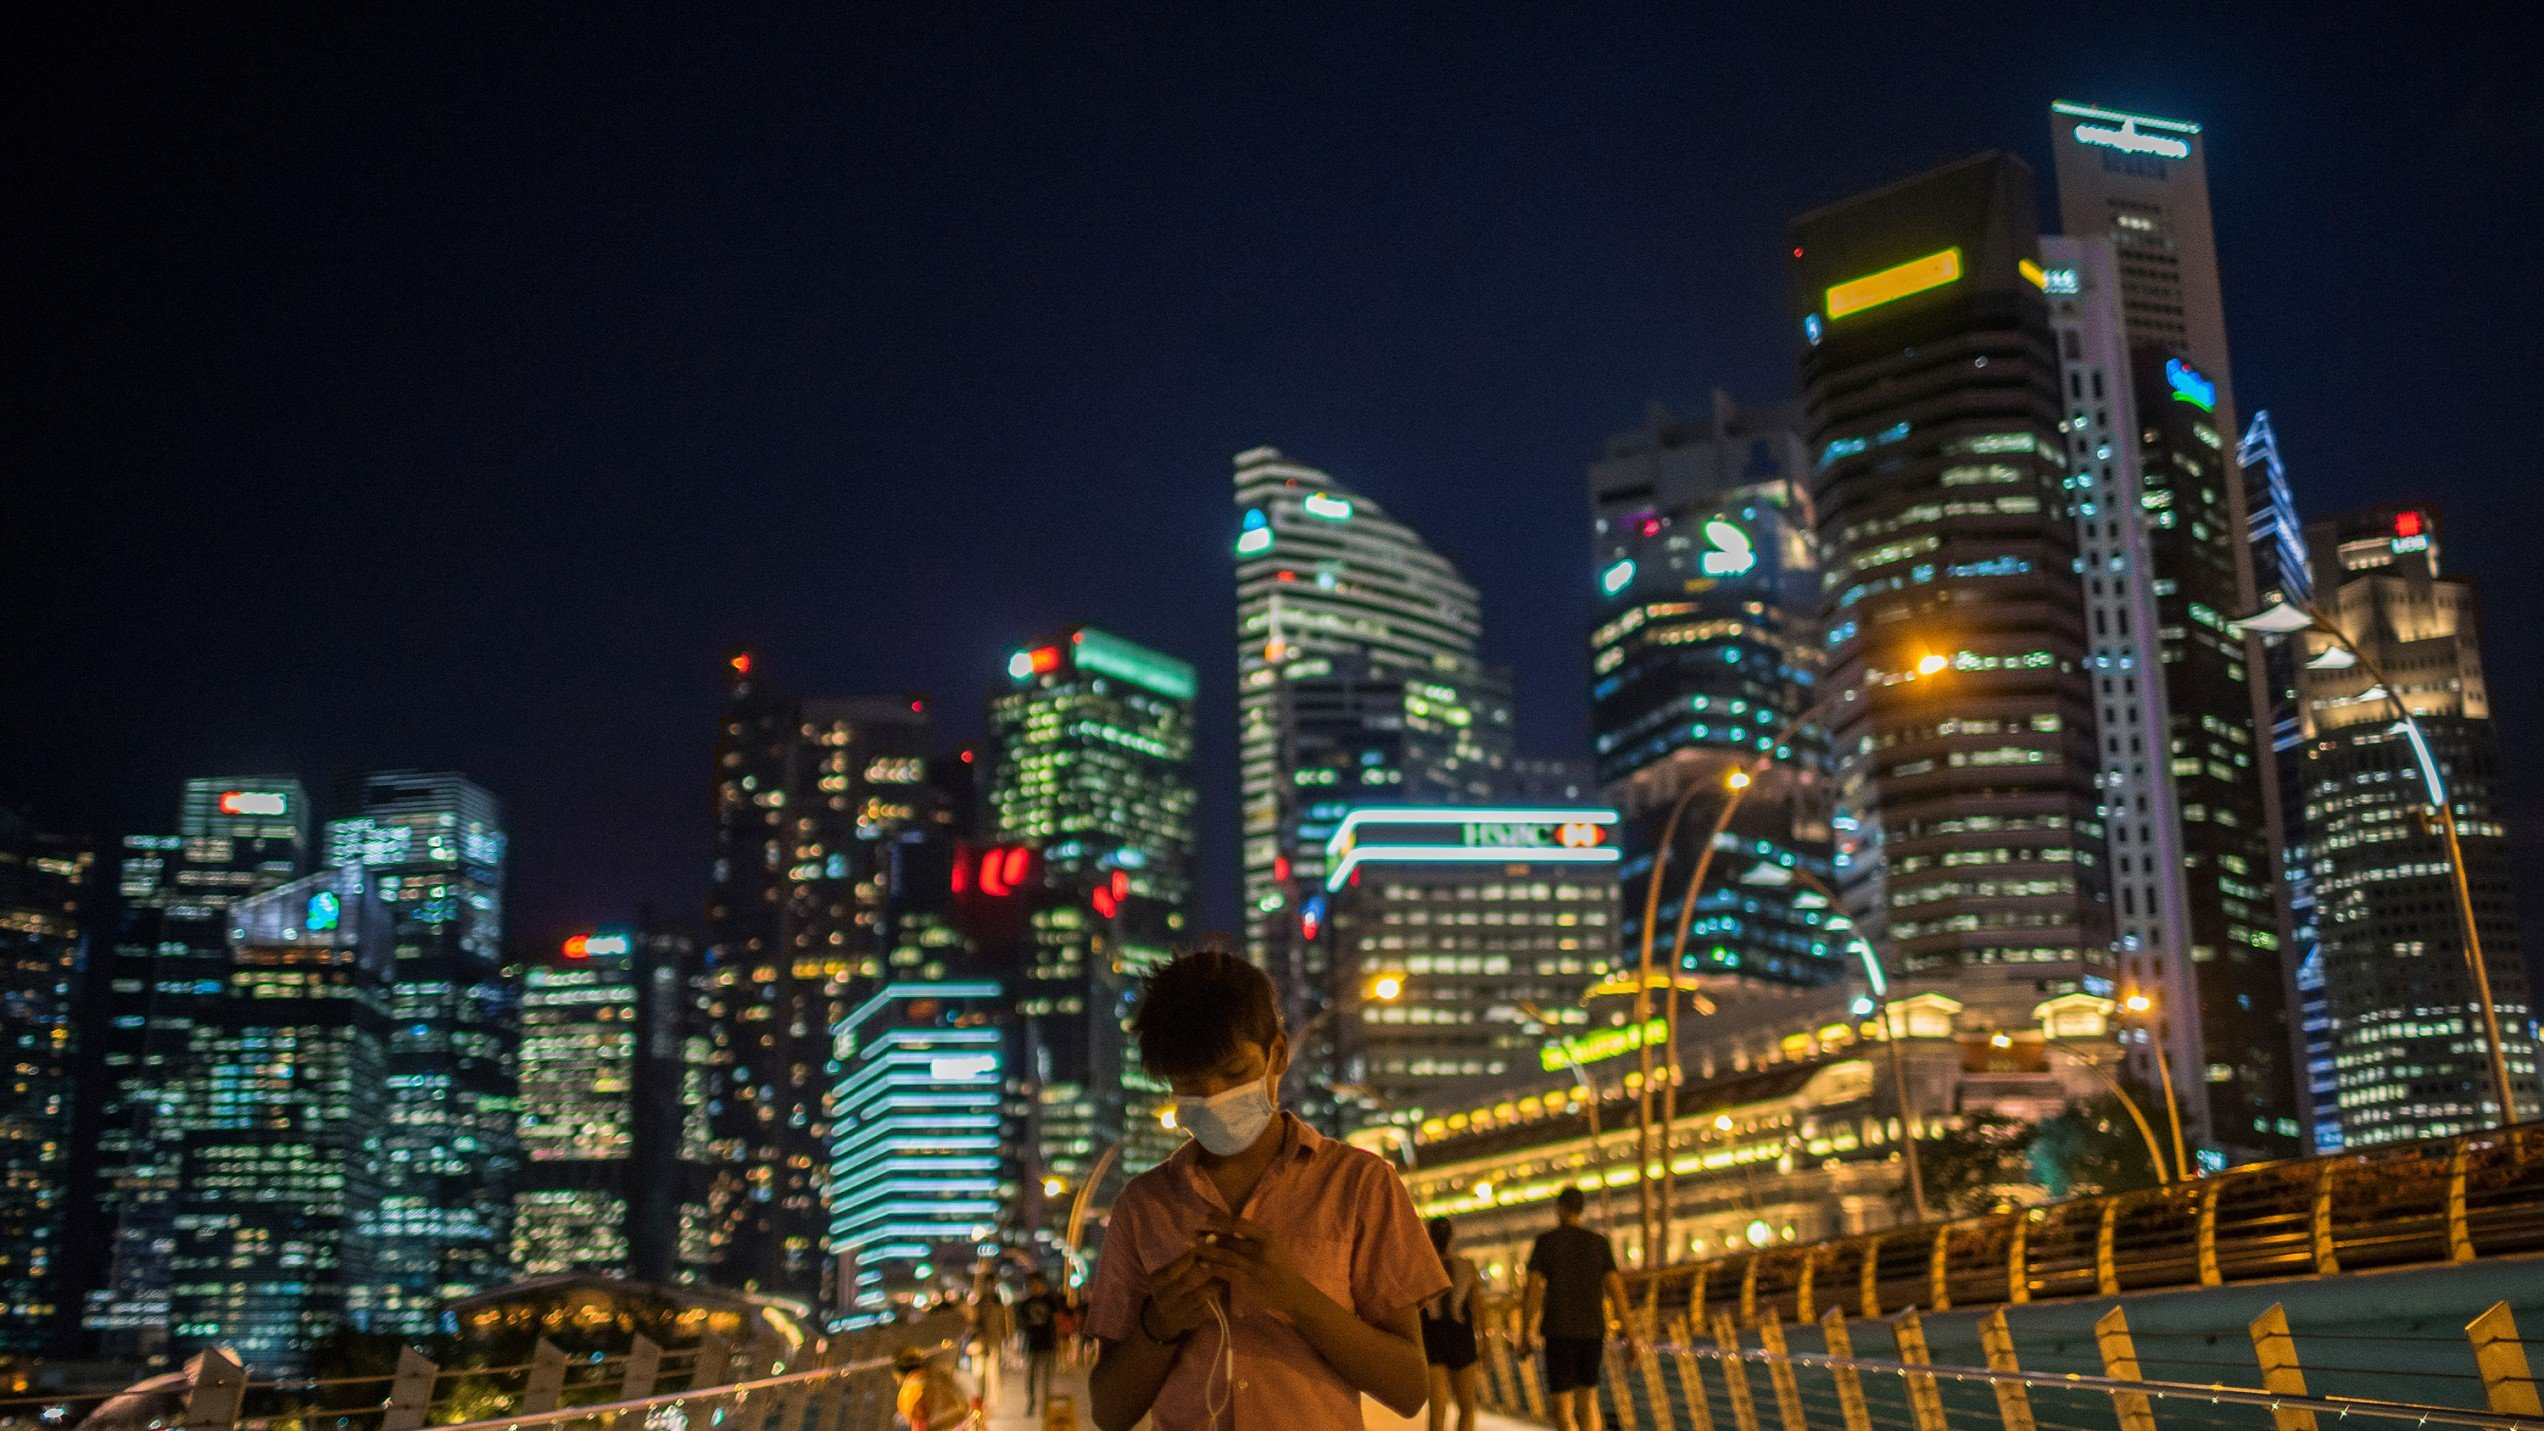 سنغافورة: نموذج رائد في التعامل مع فيروس كورونا وإدارة انتشاره